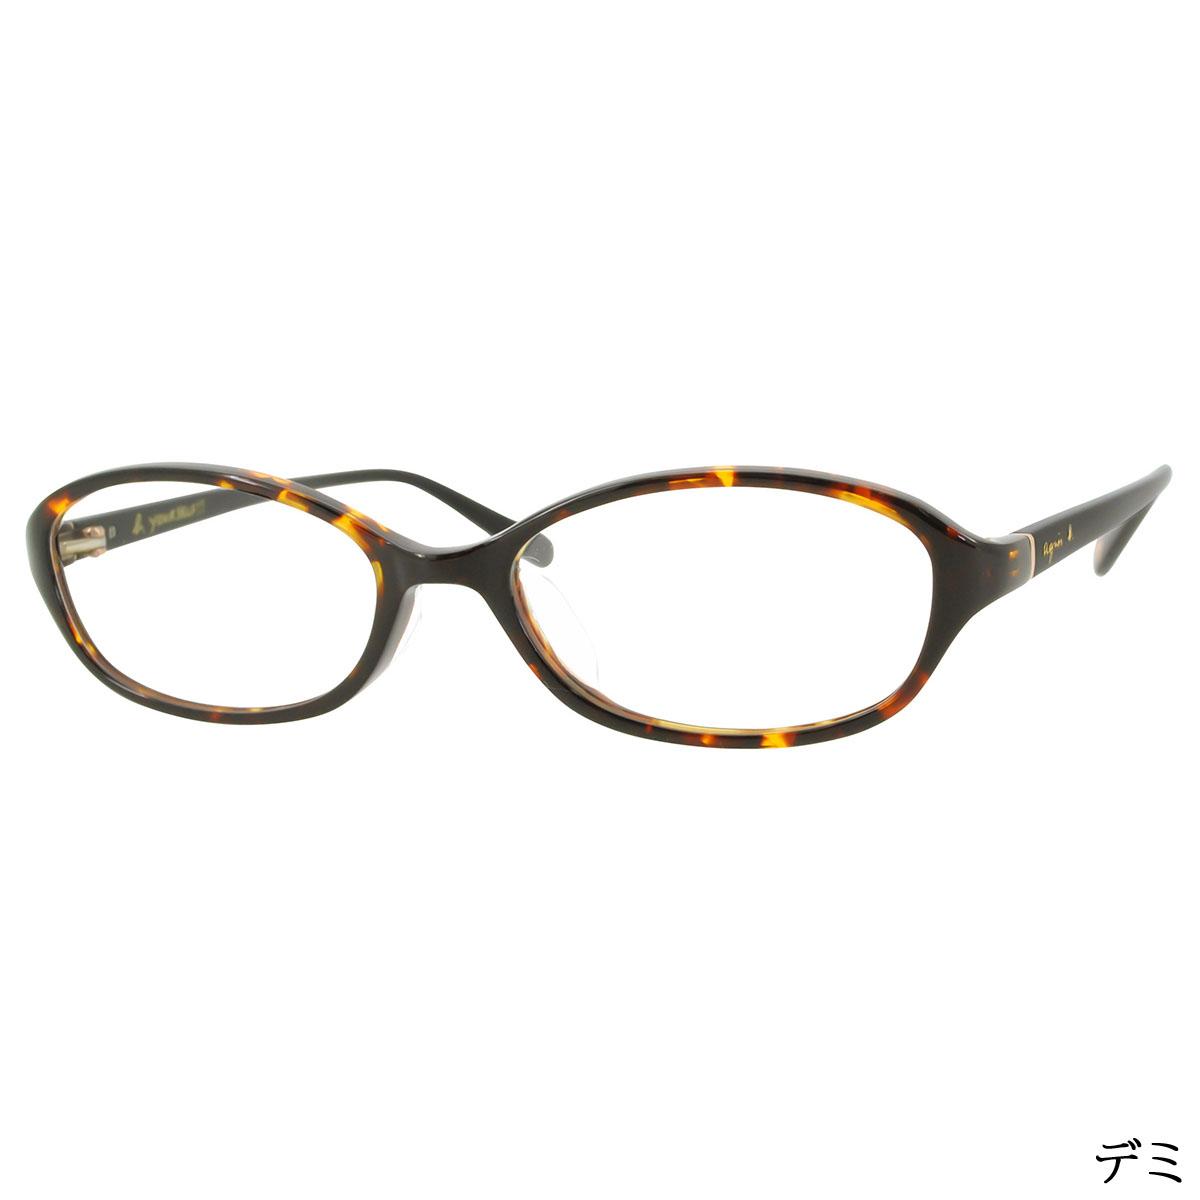 agnes b. 50-0013 レディース/メガネ/めがね/眼鏡/度付きメガネ/度入り/伊達メガネ